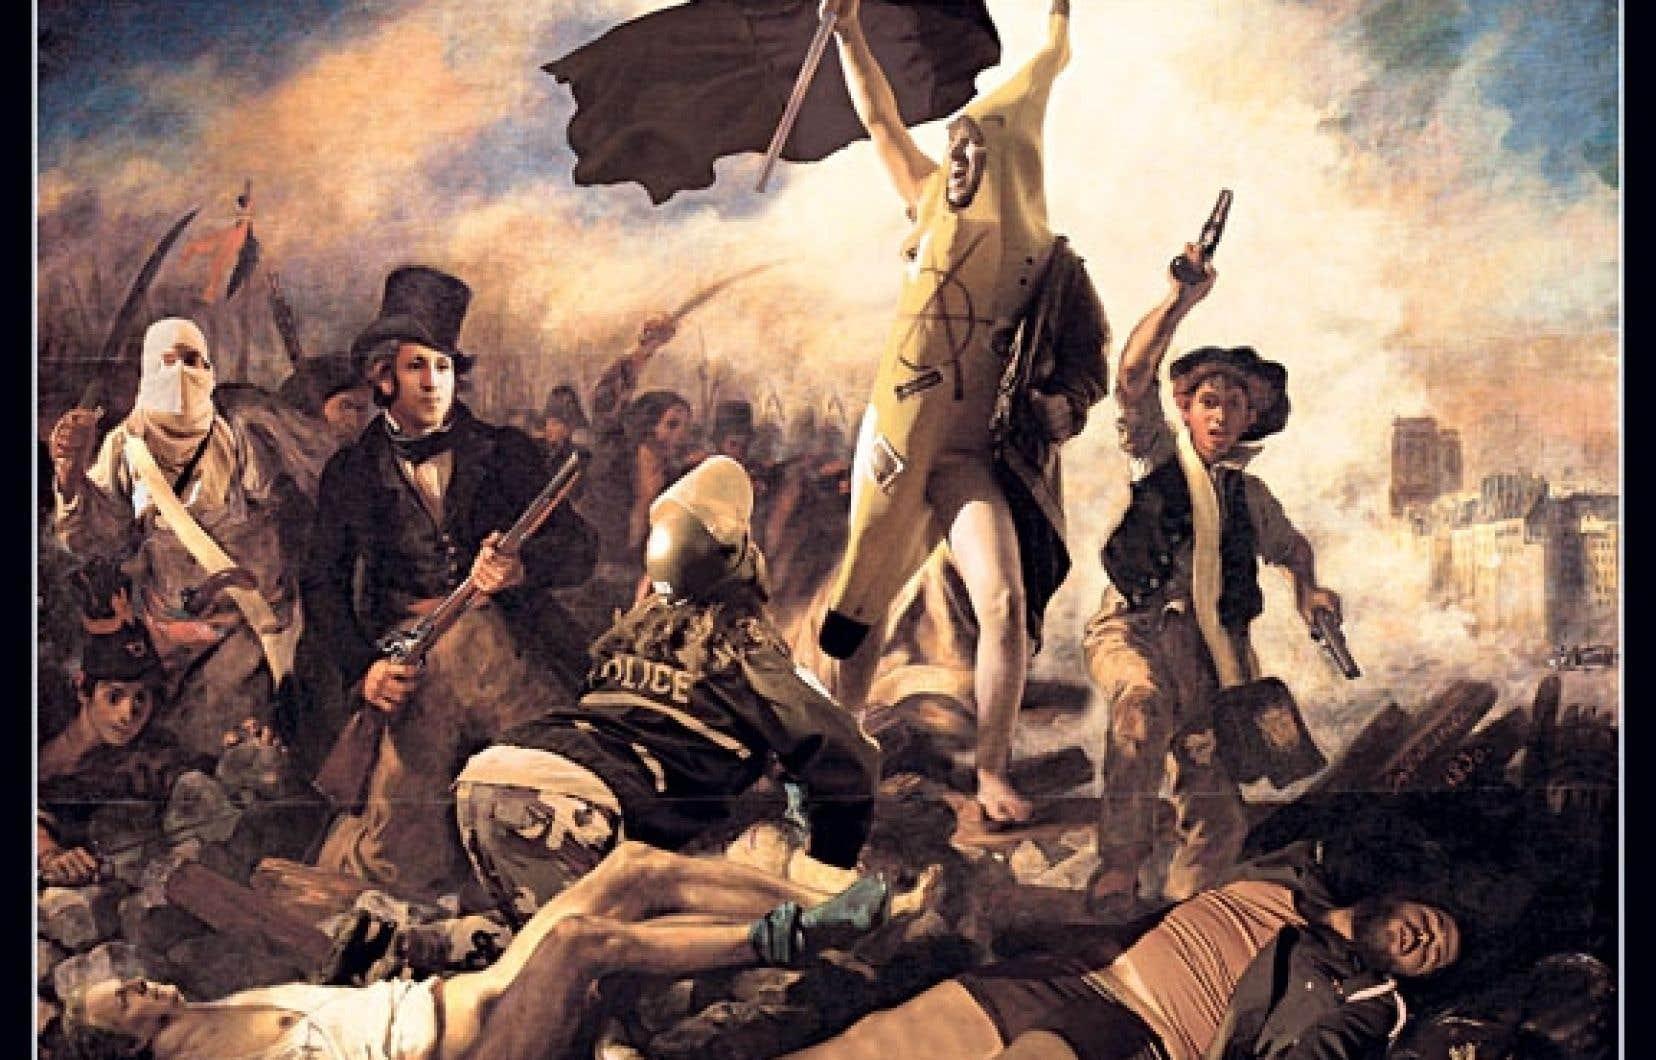 L'affiche d'une pochette d'album de Mise en demeure, parodiant en photomontage le tableau d'Eugène Delacroix La liberté guidant le peuple